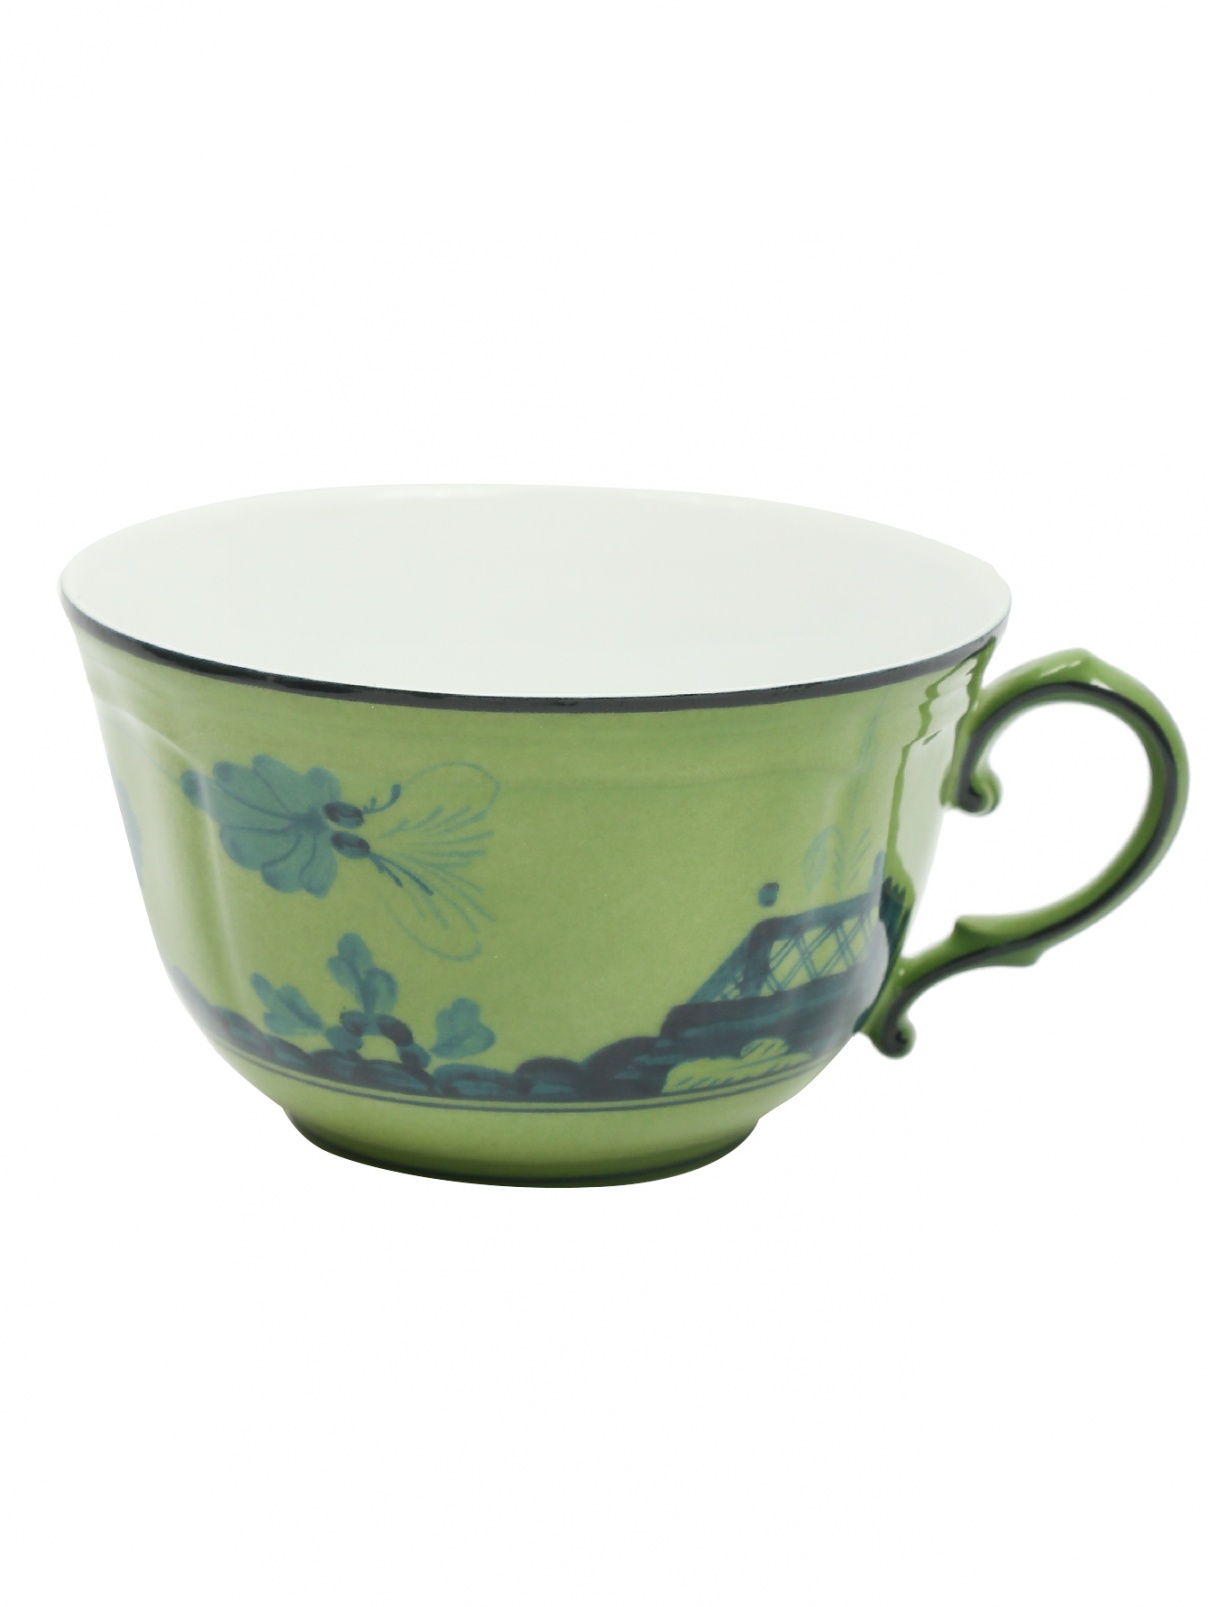 Чайная чашка из фарфора с узором и окантовкой Richard Ginori 1735  –  Общий вид